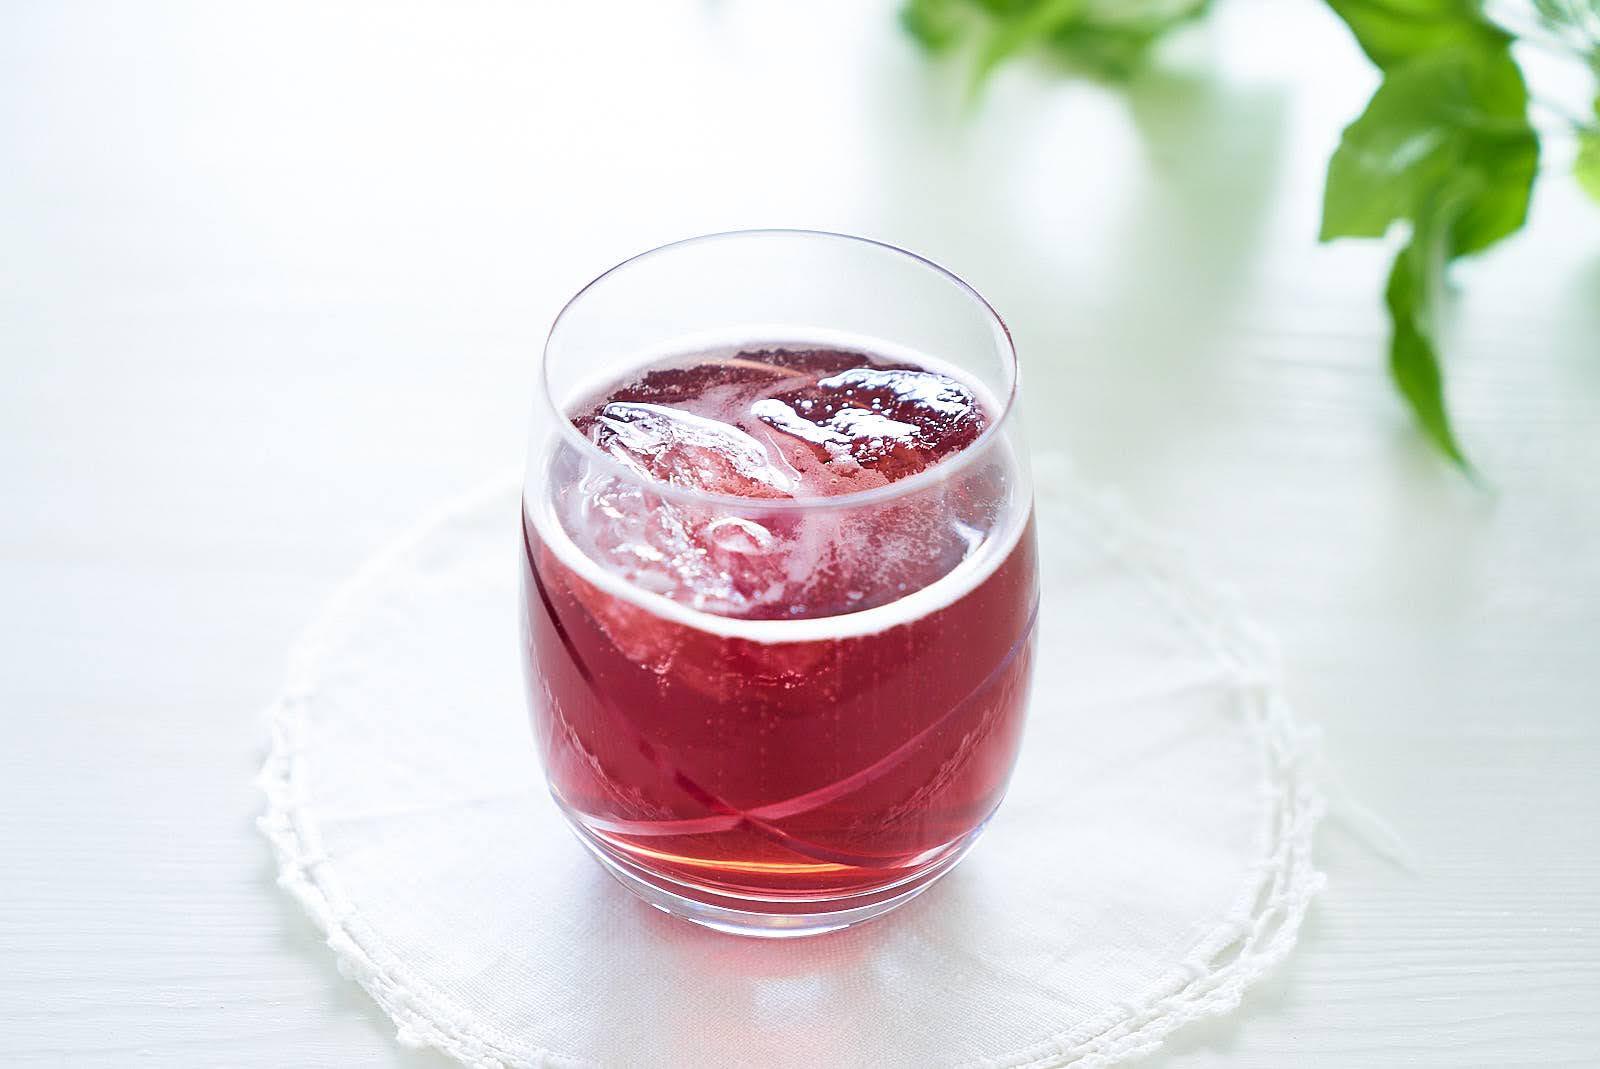 【黒酢を使っているのに飲みやすい♪】 はちみつとブルーベリーのお酢 300ml